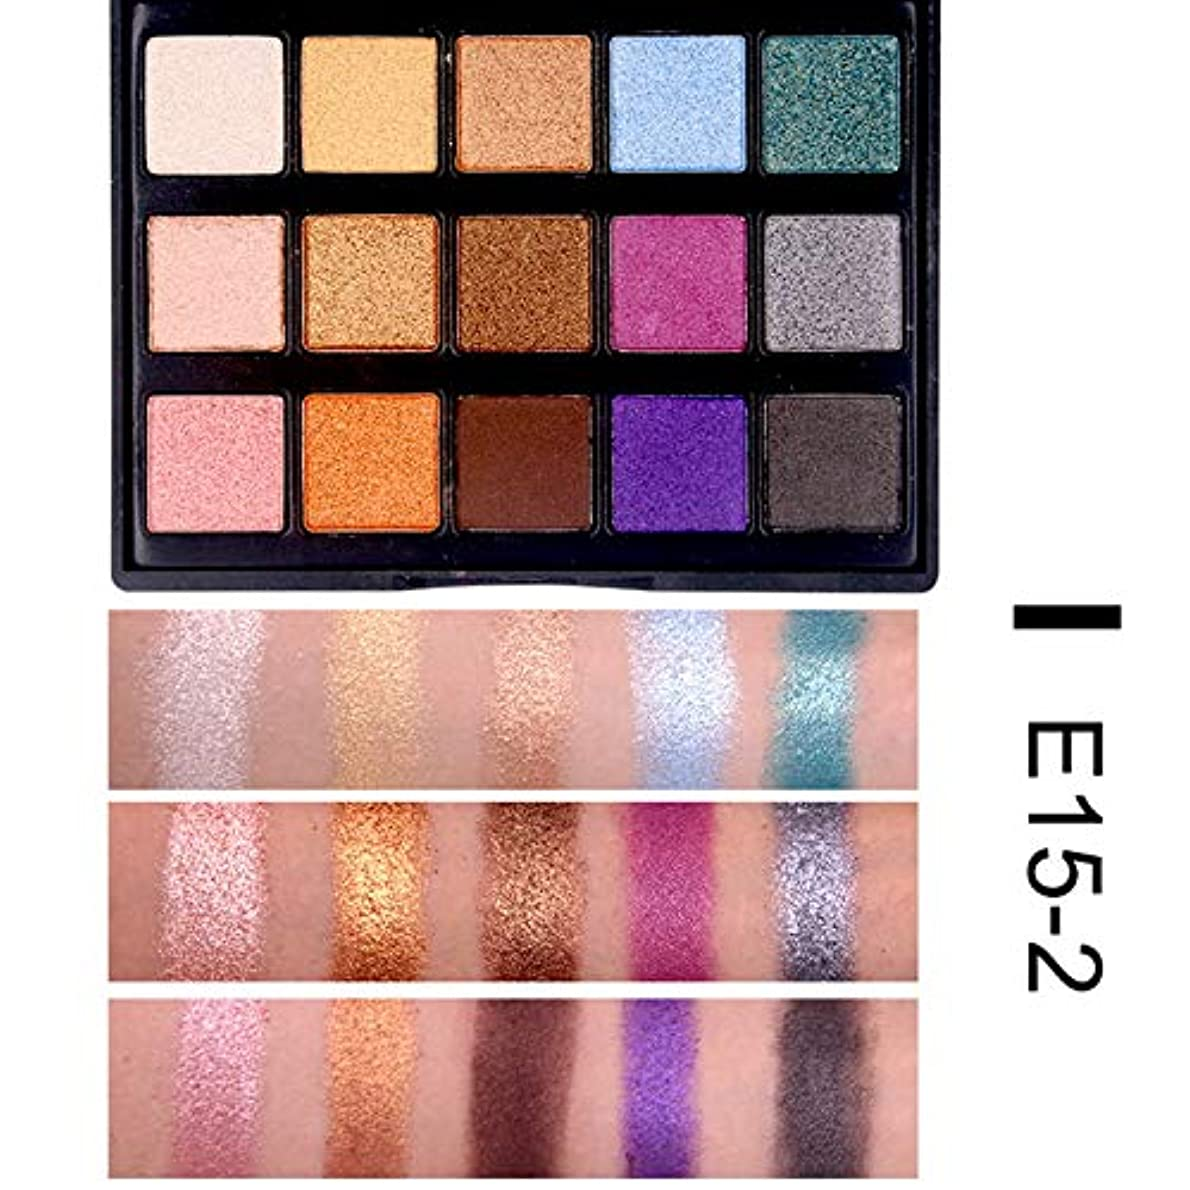 ふけるビーム不振Rabugogo 15色ミニアイシャドウパウダーマットアイシャドウ化粧品メイクアップ EP15#2